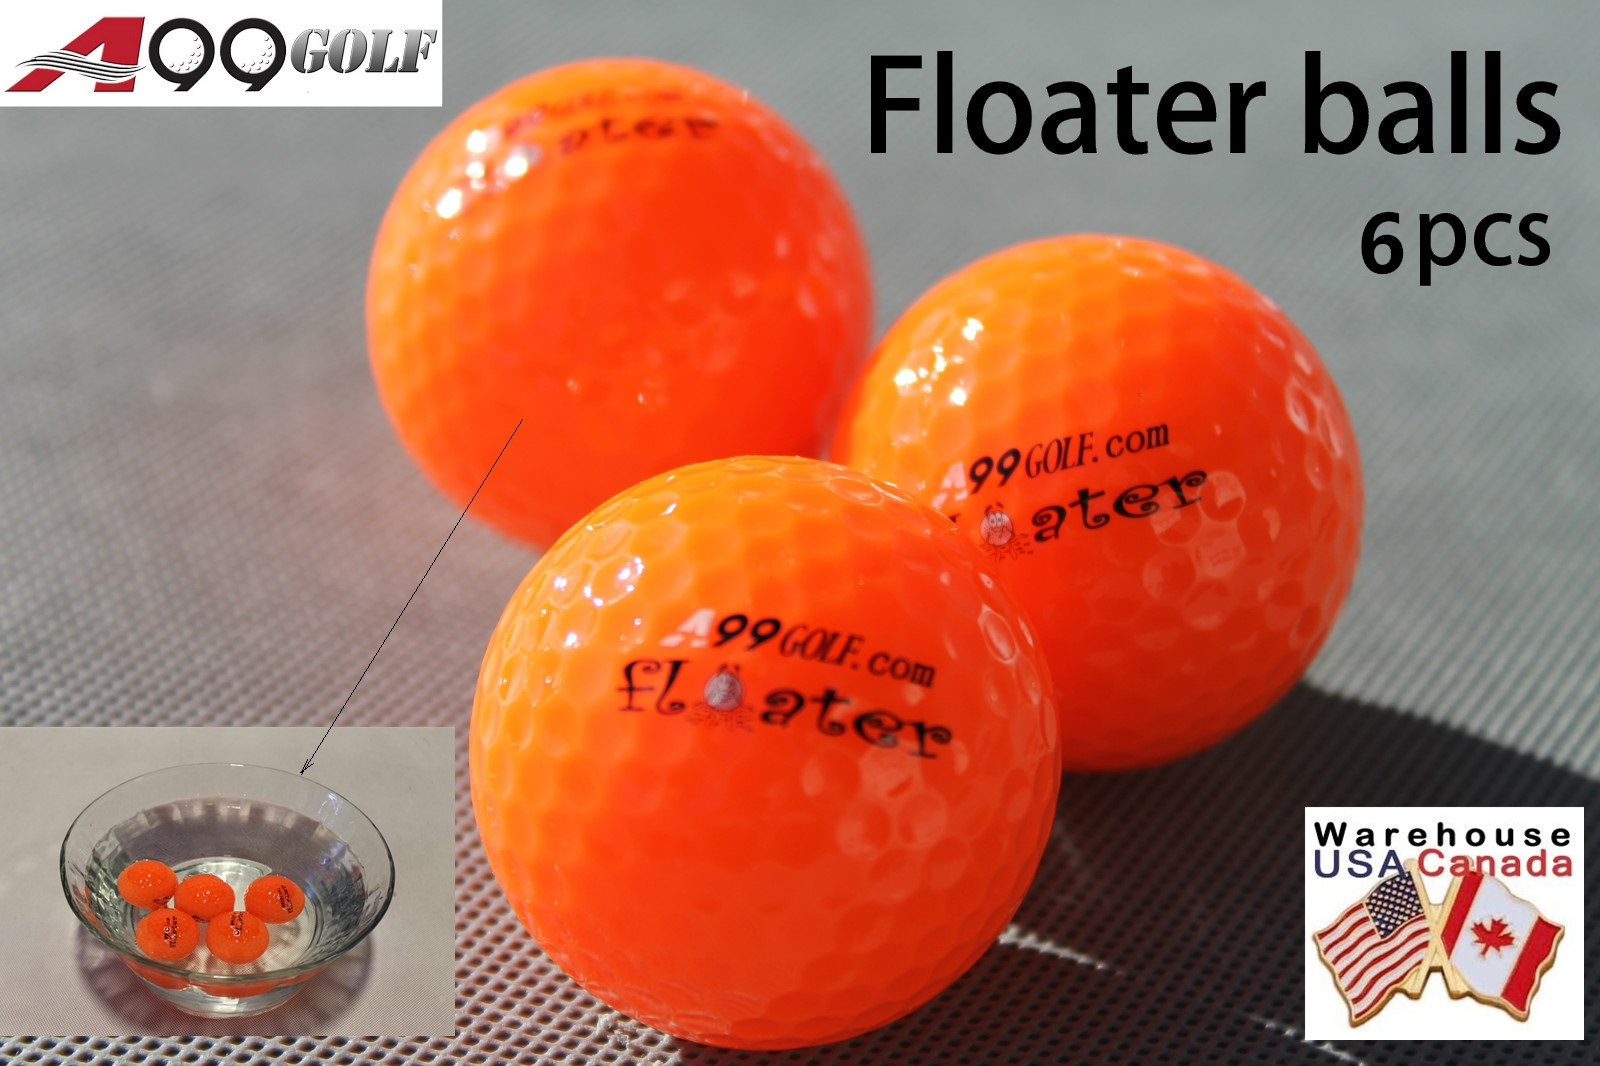 floater-balls-orange-6-pcs.jpg